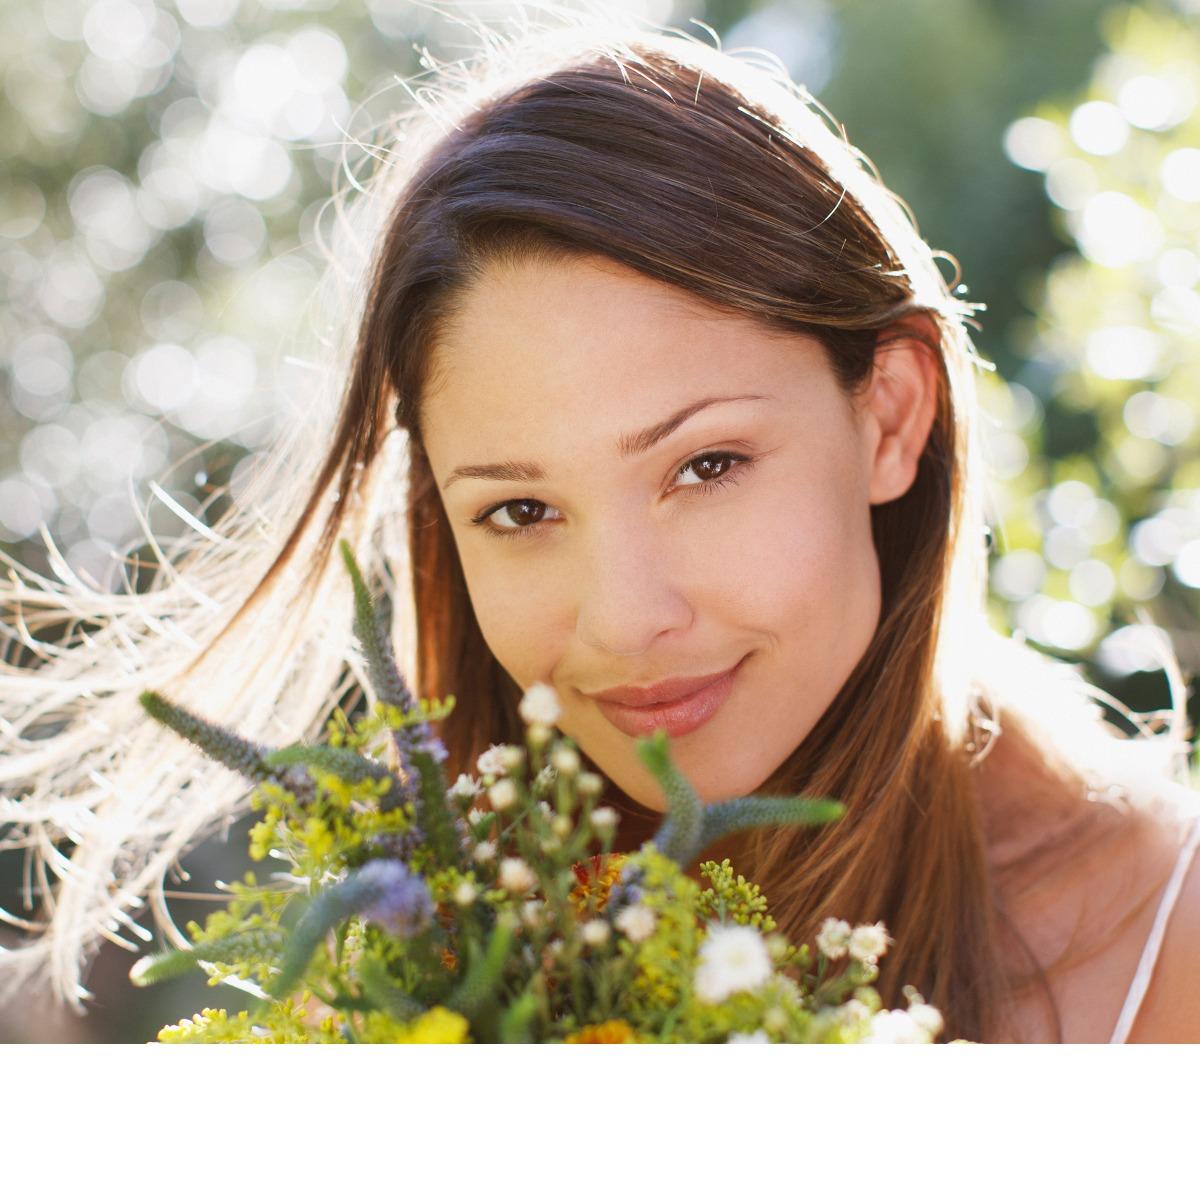 5 Tipps für gepflegte Haut im Frühling - jetzt lesen!